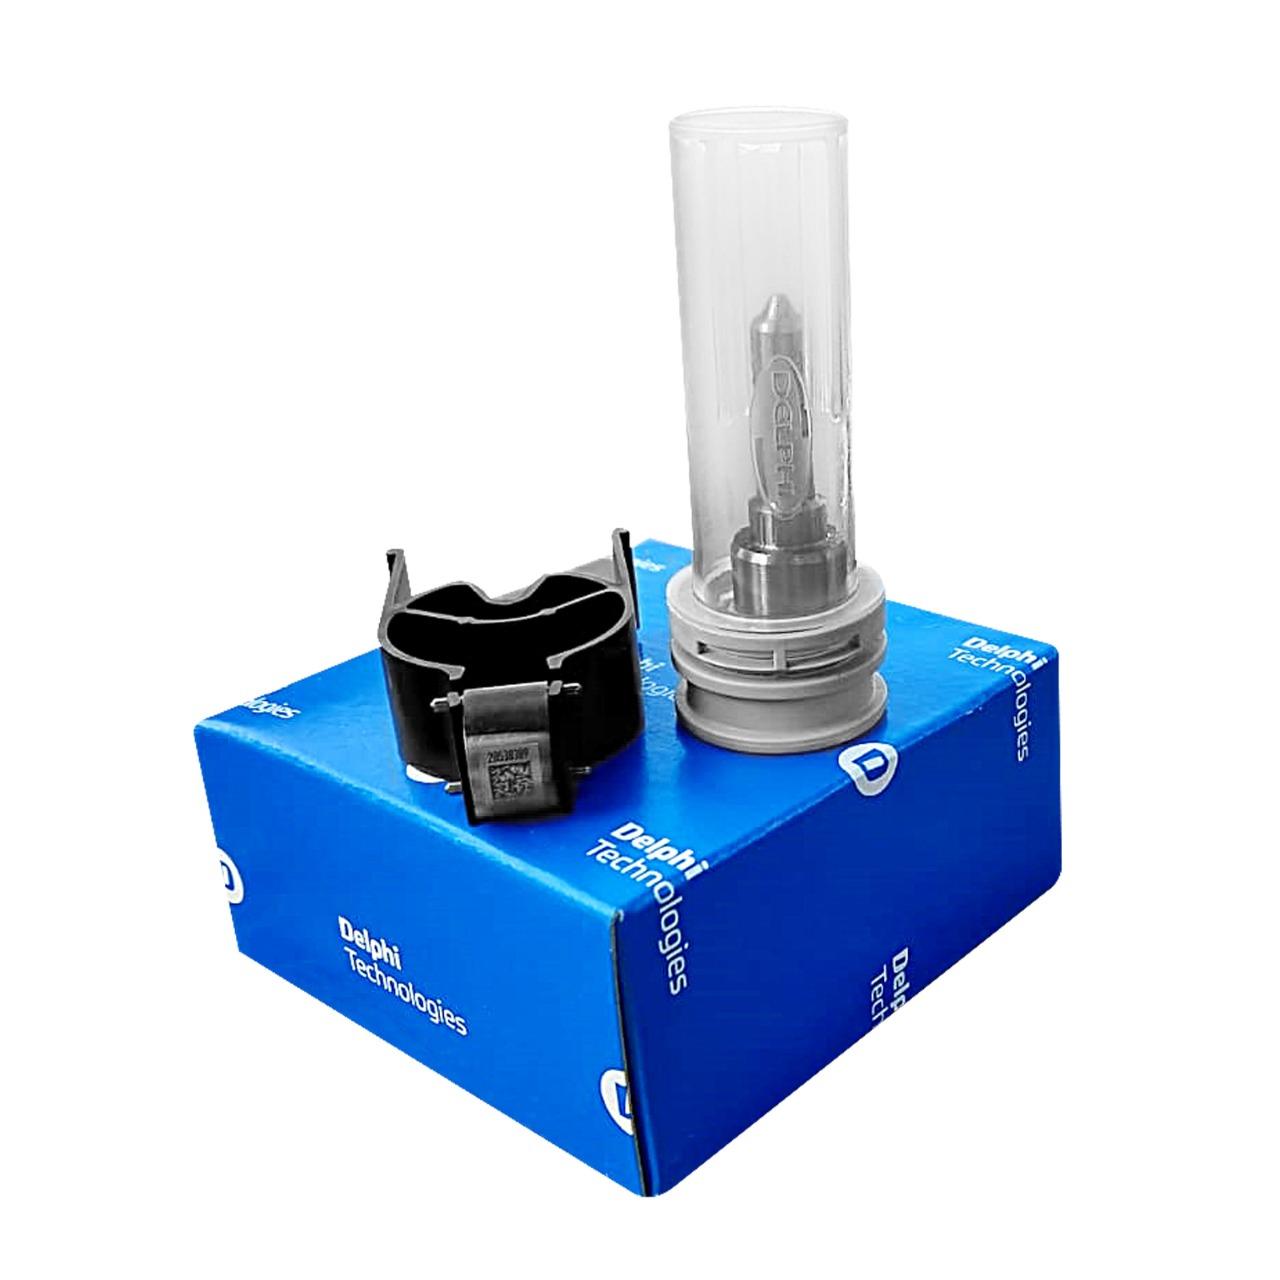 Kit Reparo Bico e Valvula do Injetor Ssangyong Kyron e Rextron  2.7 20V Diesel Euro 3 Até 2011 Novo Original